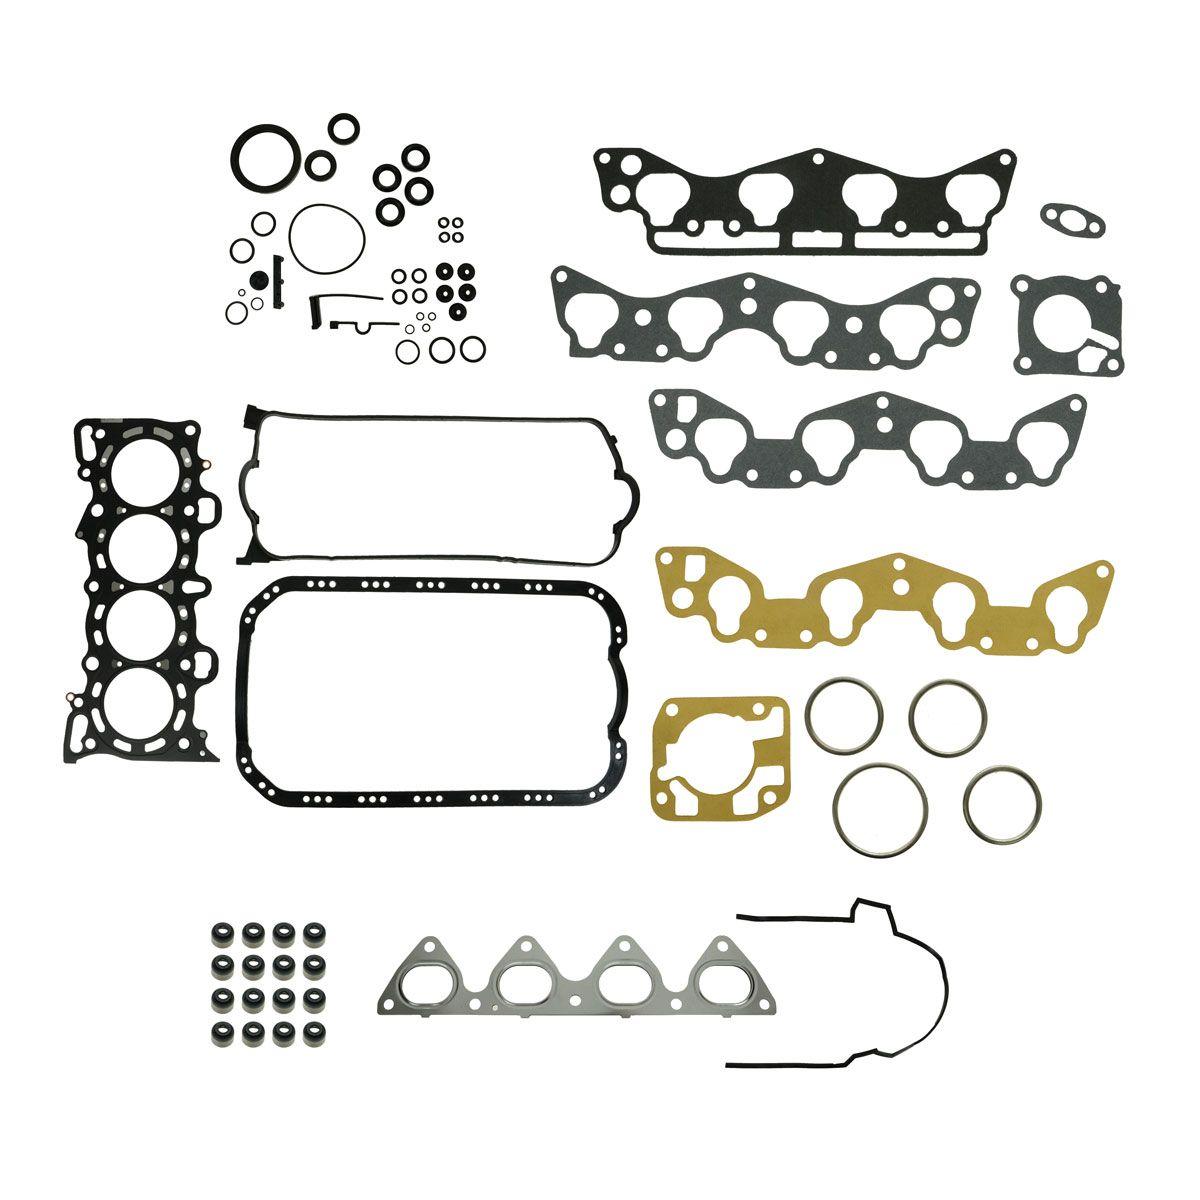 Full Complete Engine Gasket Set Kit for Honda Civic EX Del